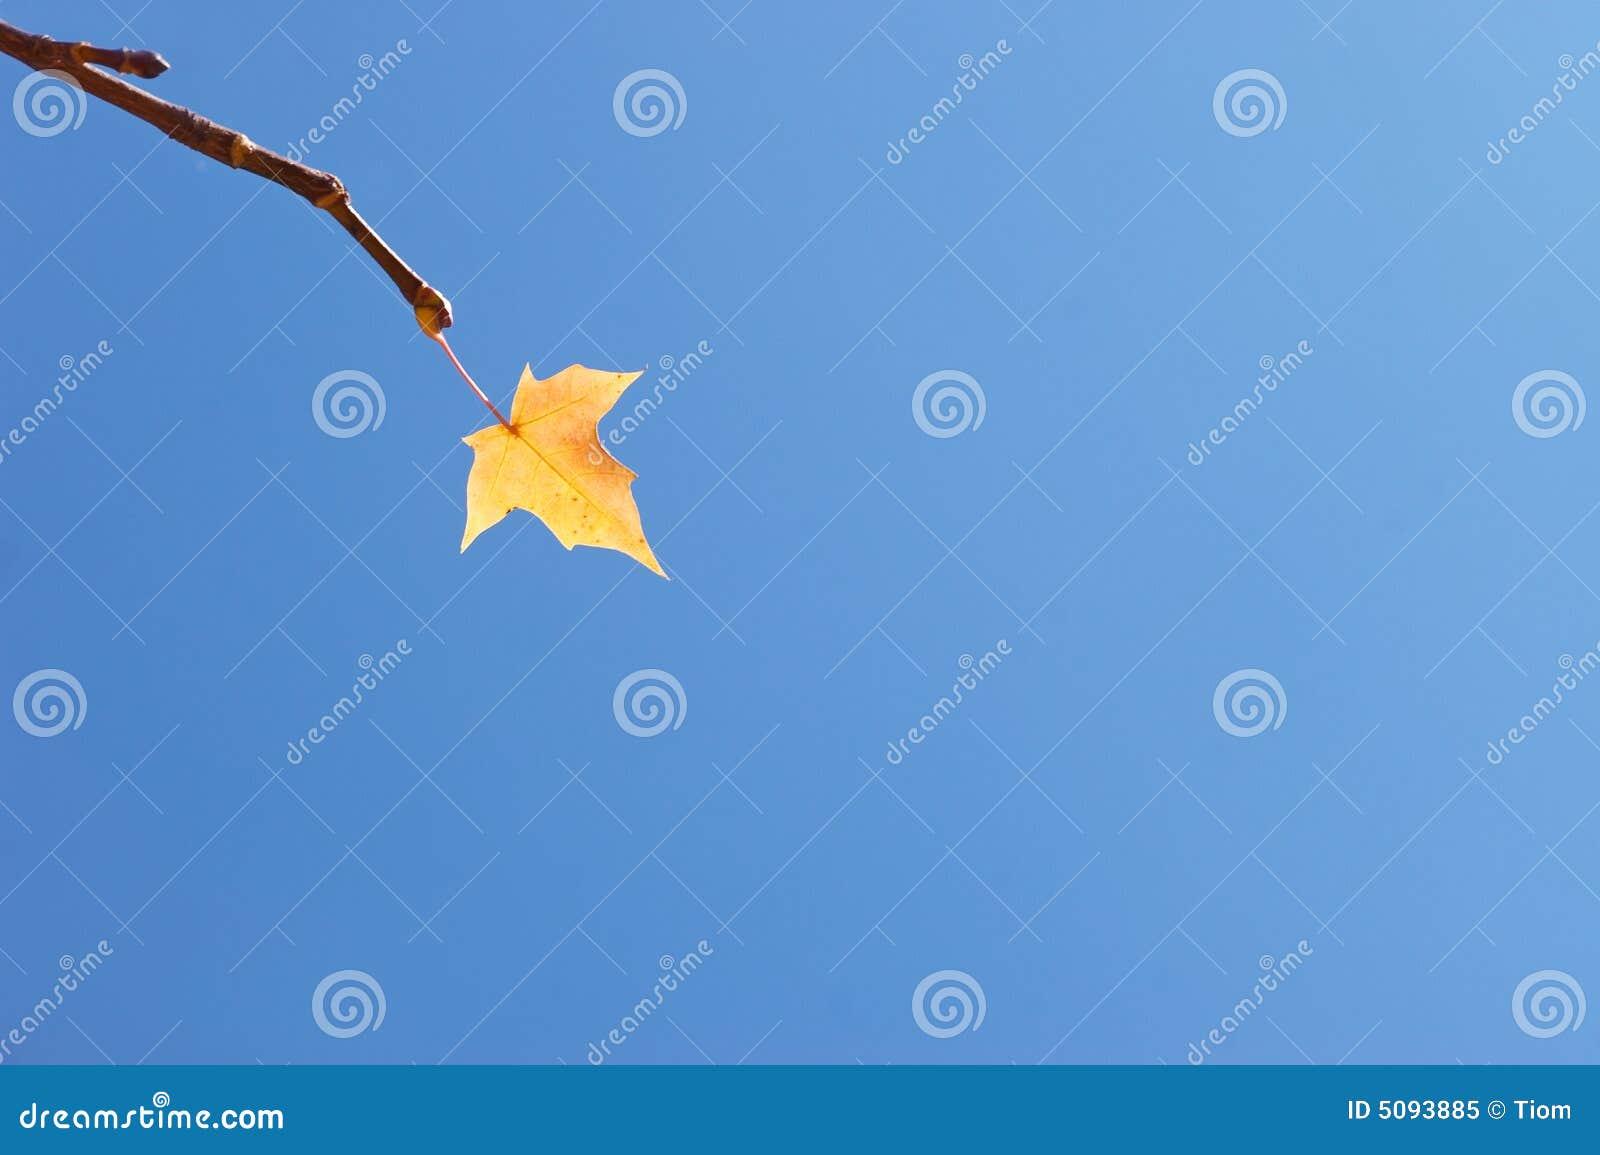 Last autumn leaf